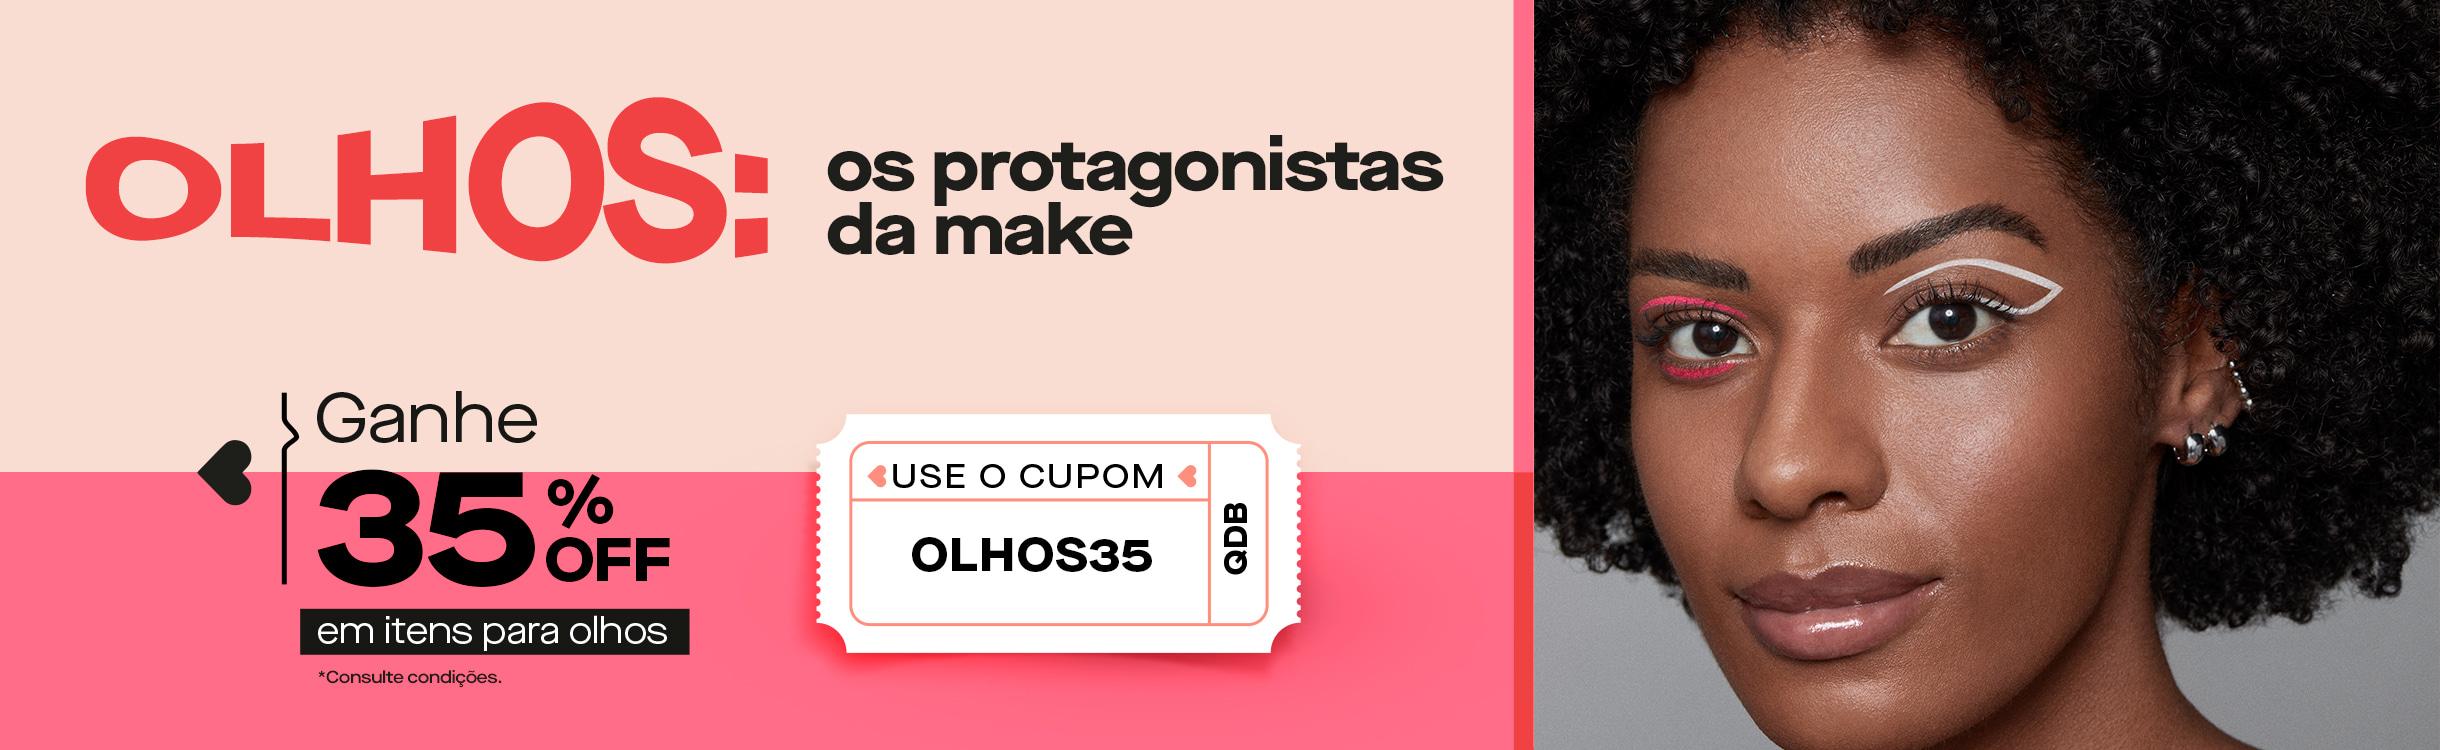 Use o cupom  OLHOS35 na coleção de produtos para olhos.